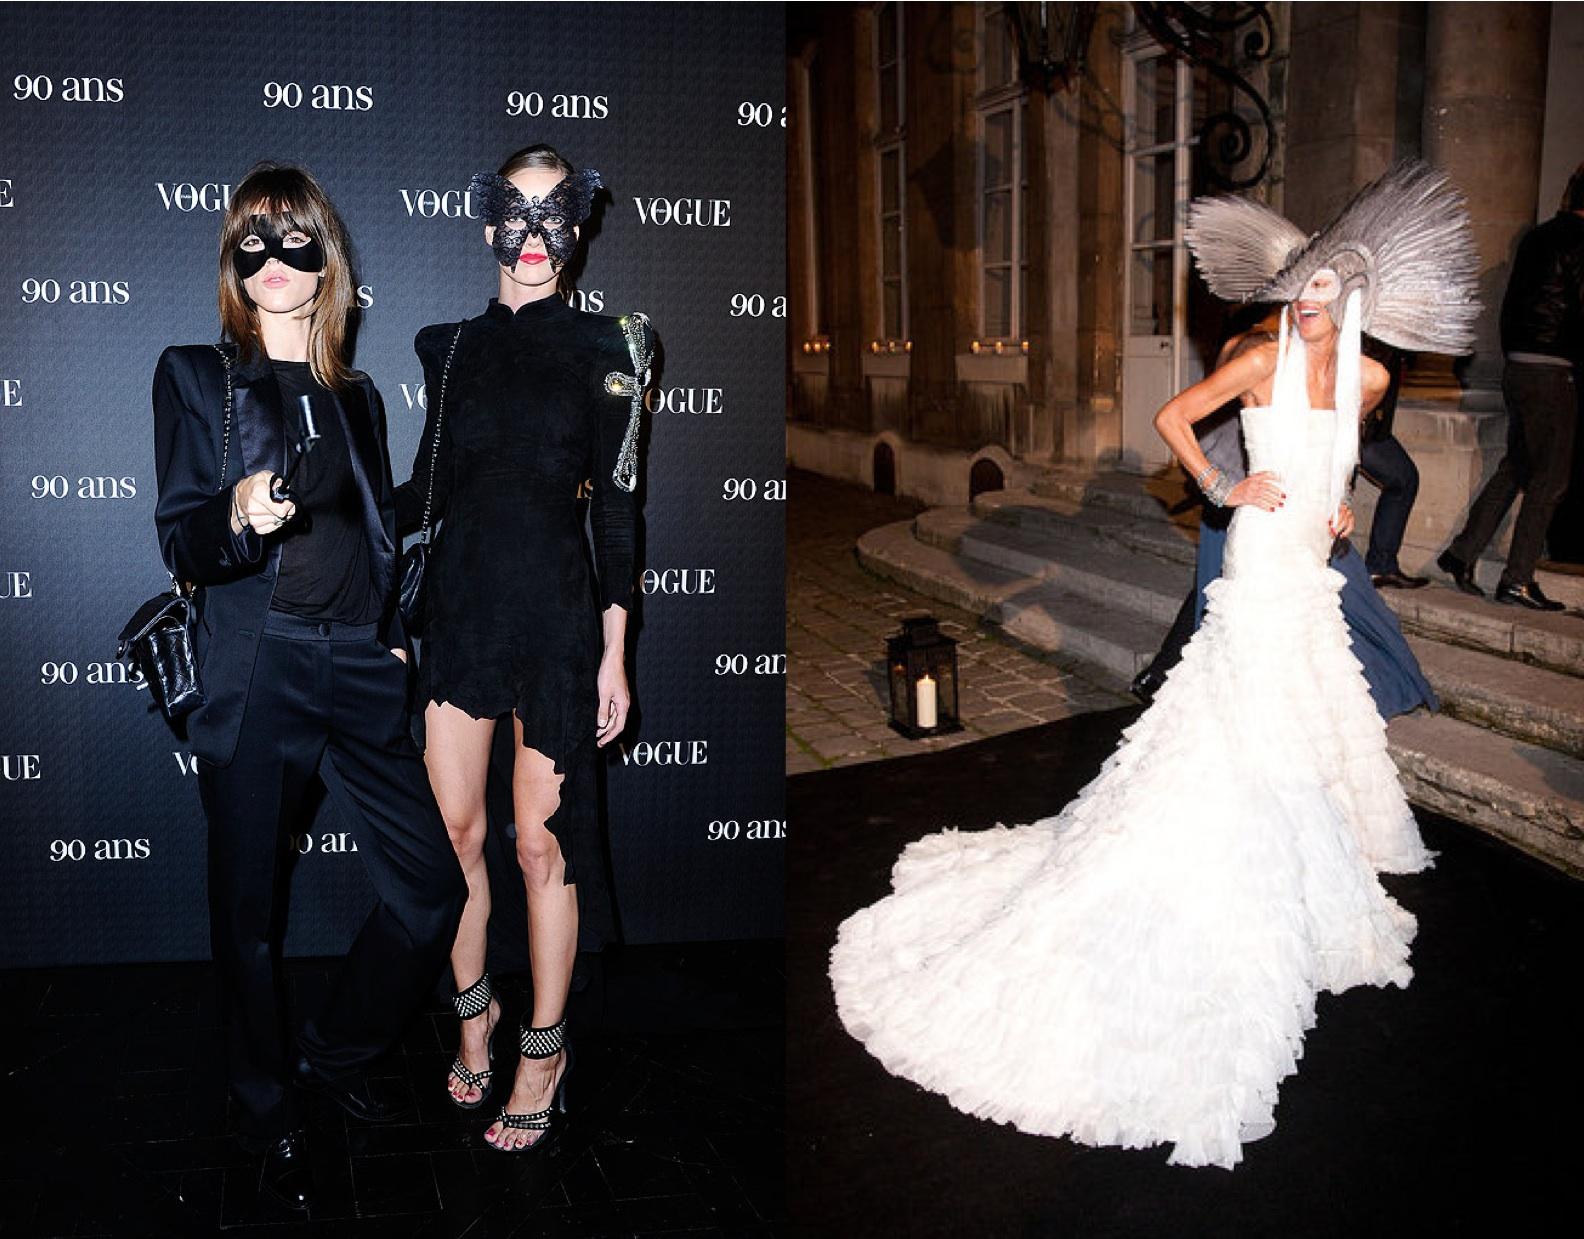 Outstanding Vogue Paris Masquerade Ball 1584 x 1239 · 522 kB · jpeg